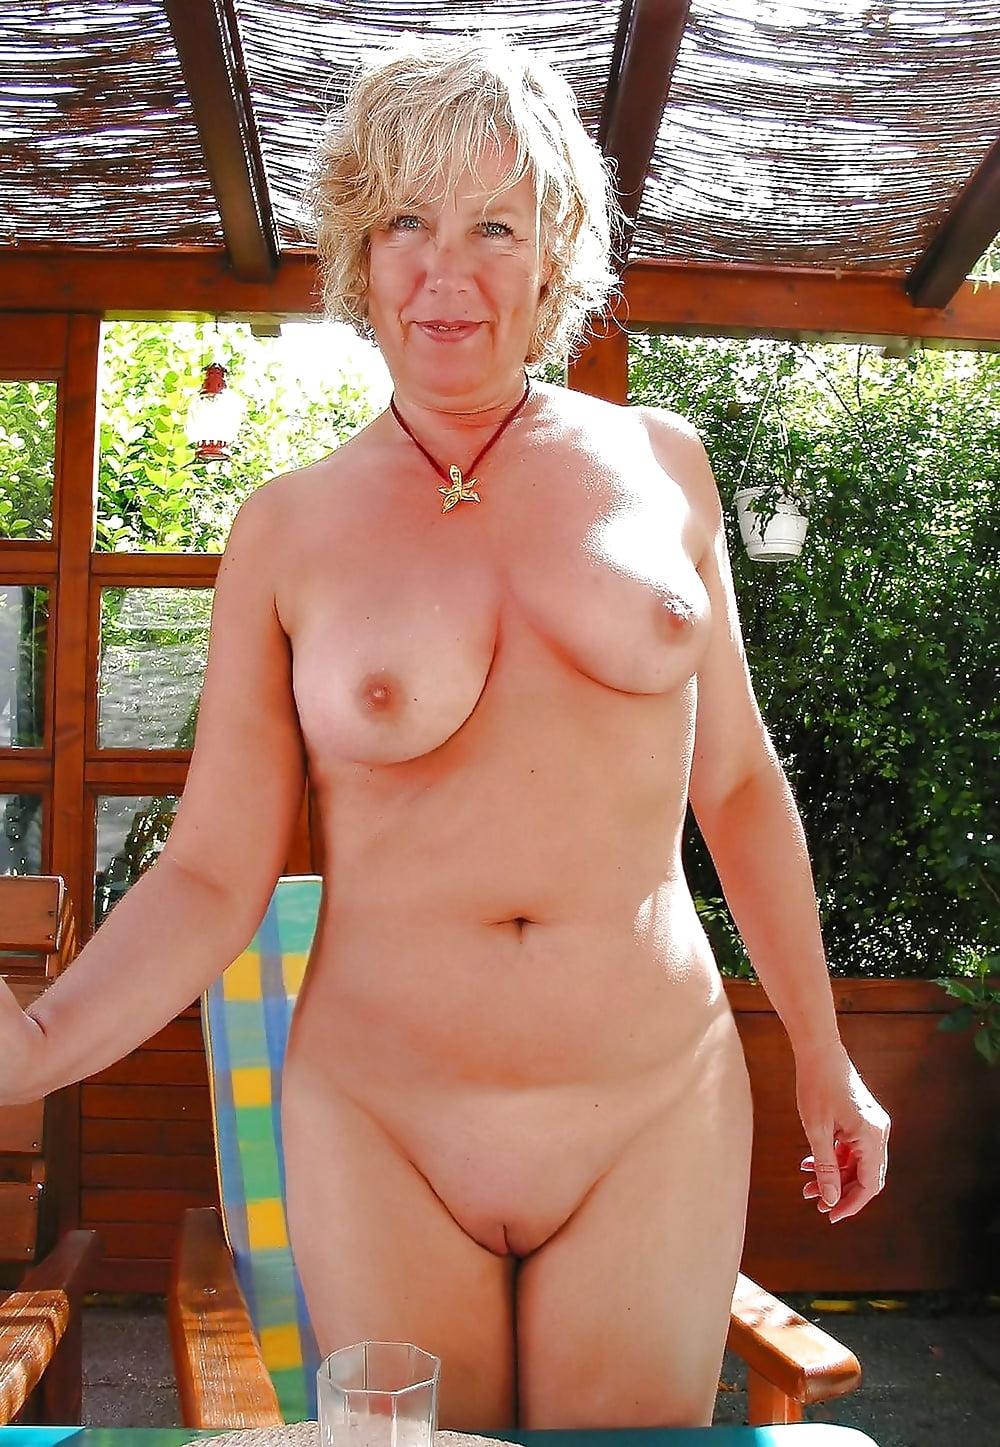 гугл фото голых старых женщин она уже